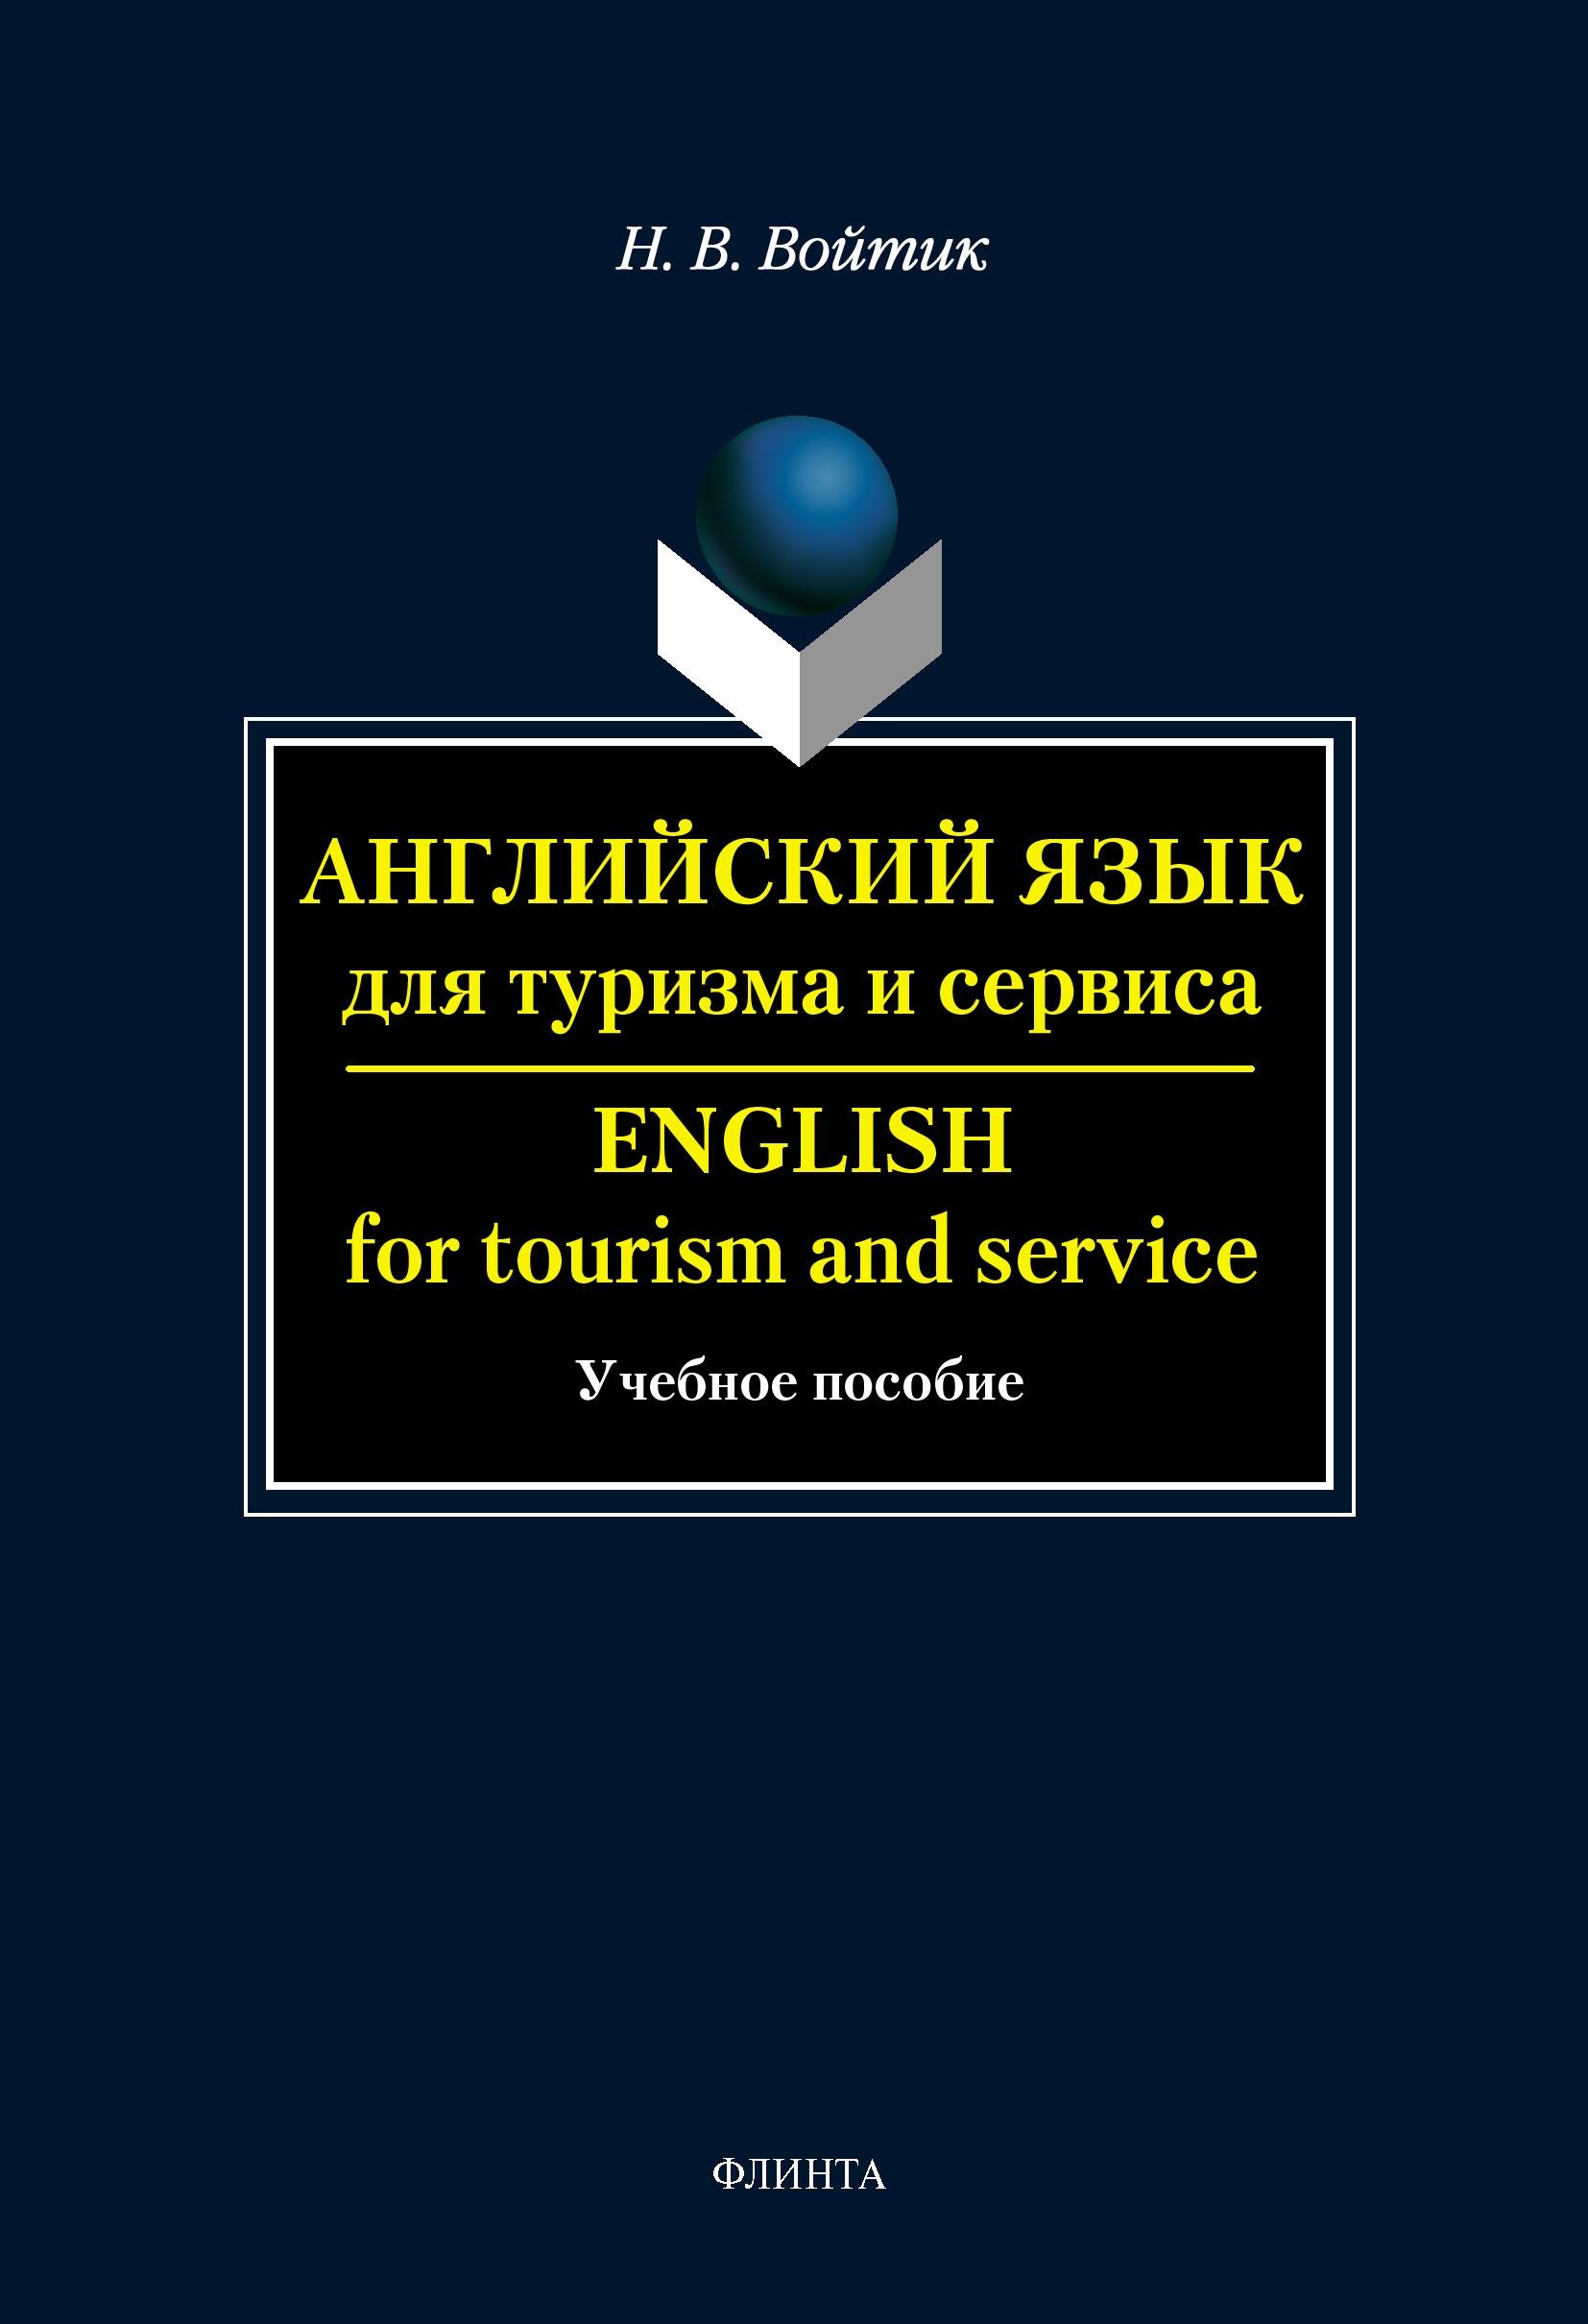 Н. В. Войтик Английский язык для туризма и сервиса. English for Tourism and Service: учебное пособие